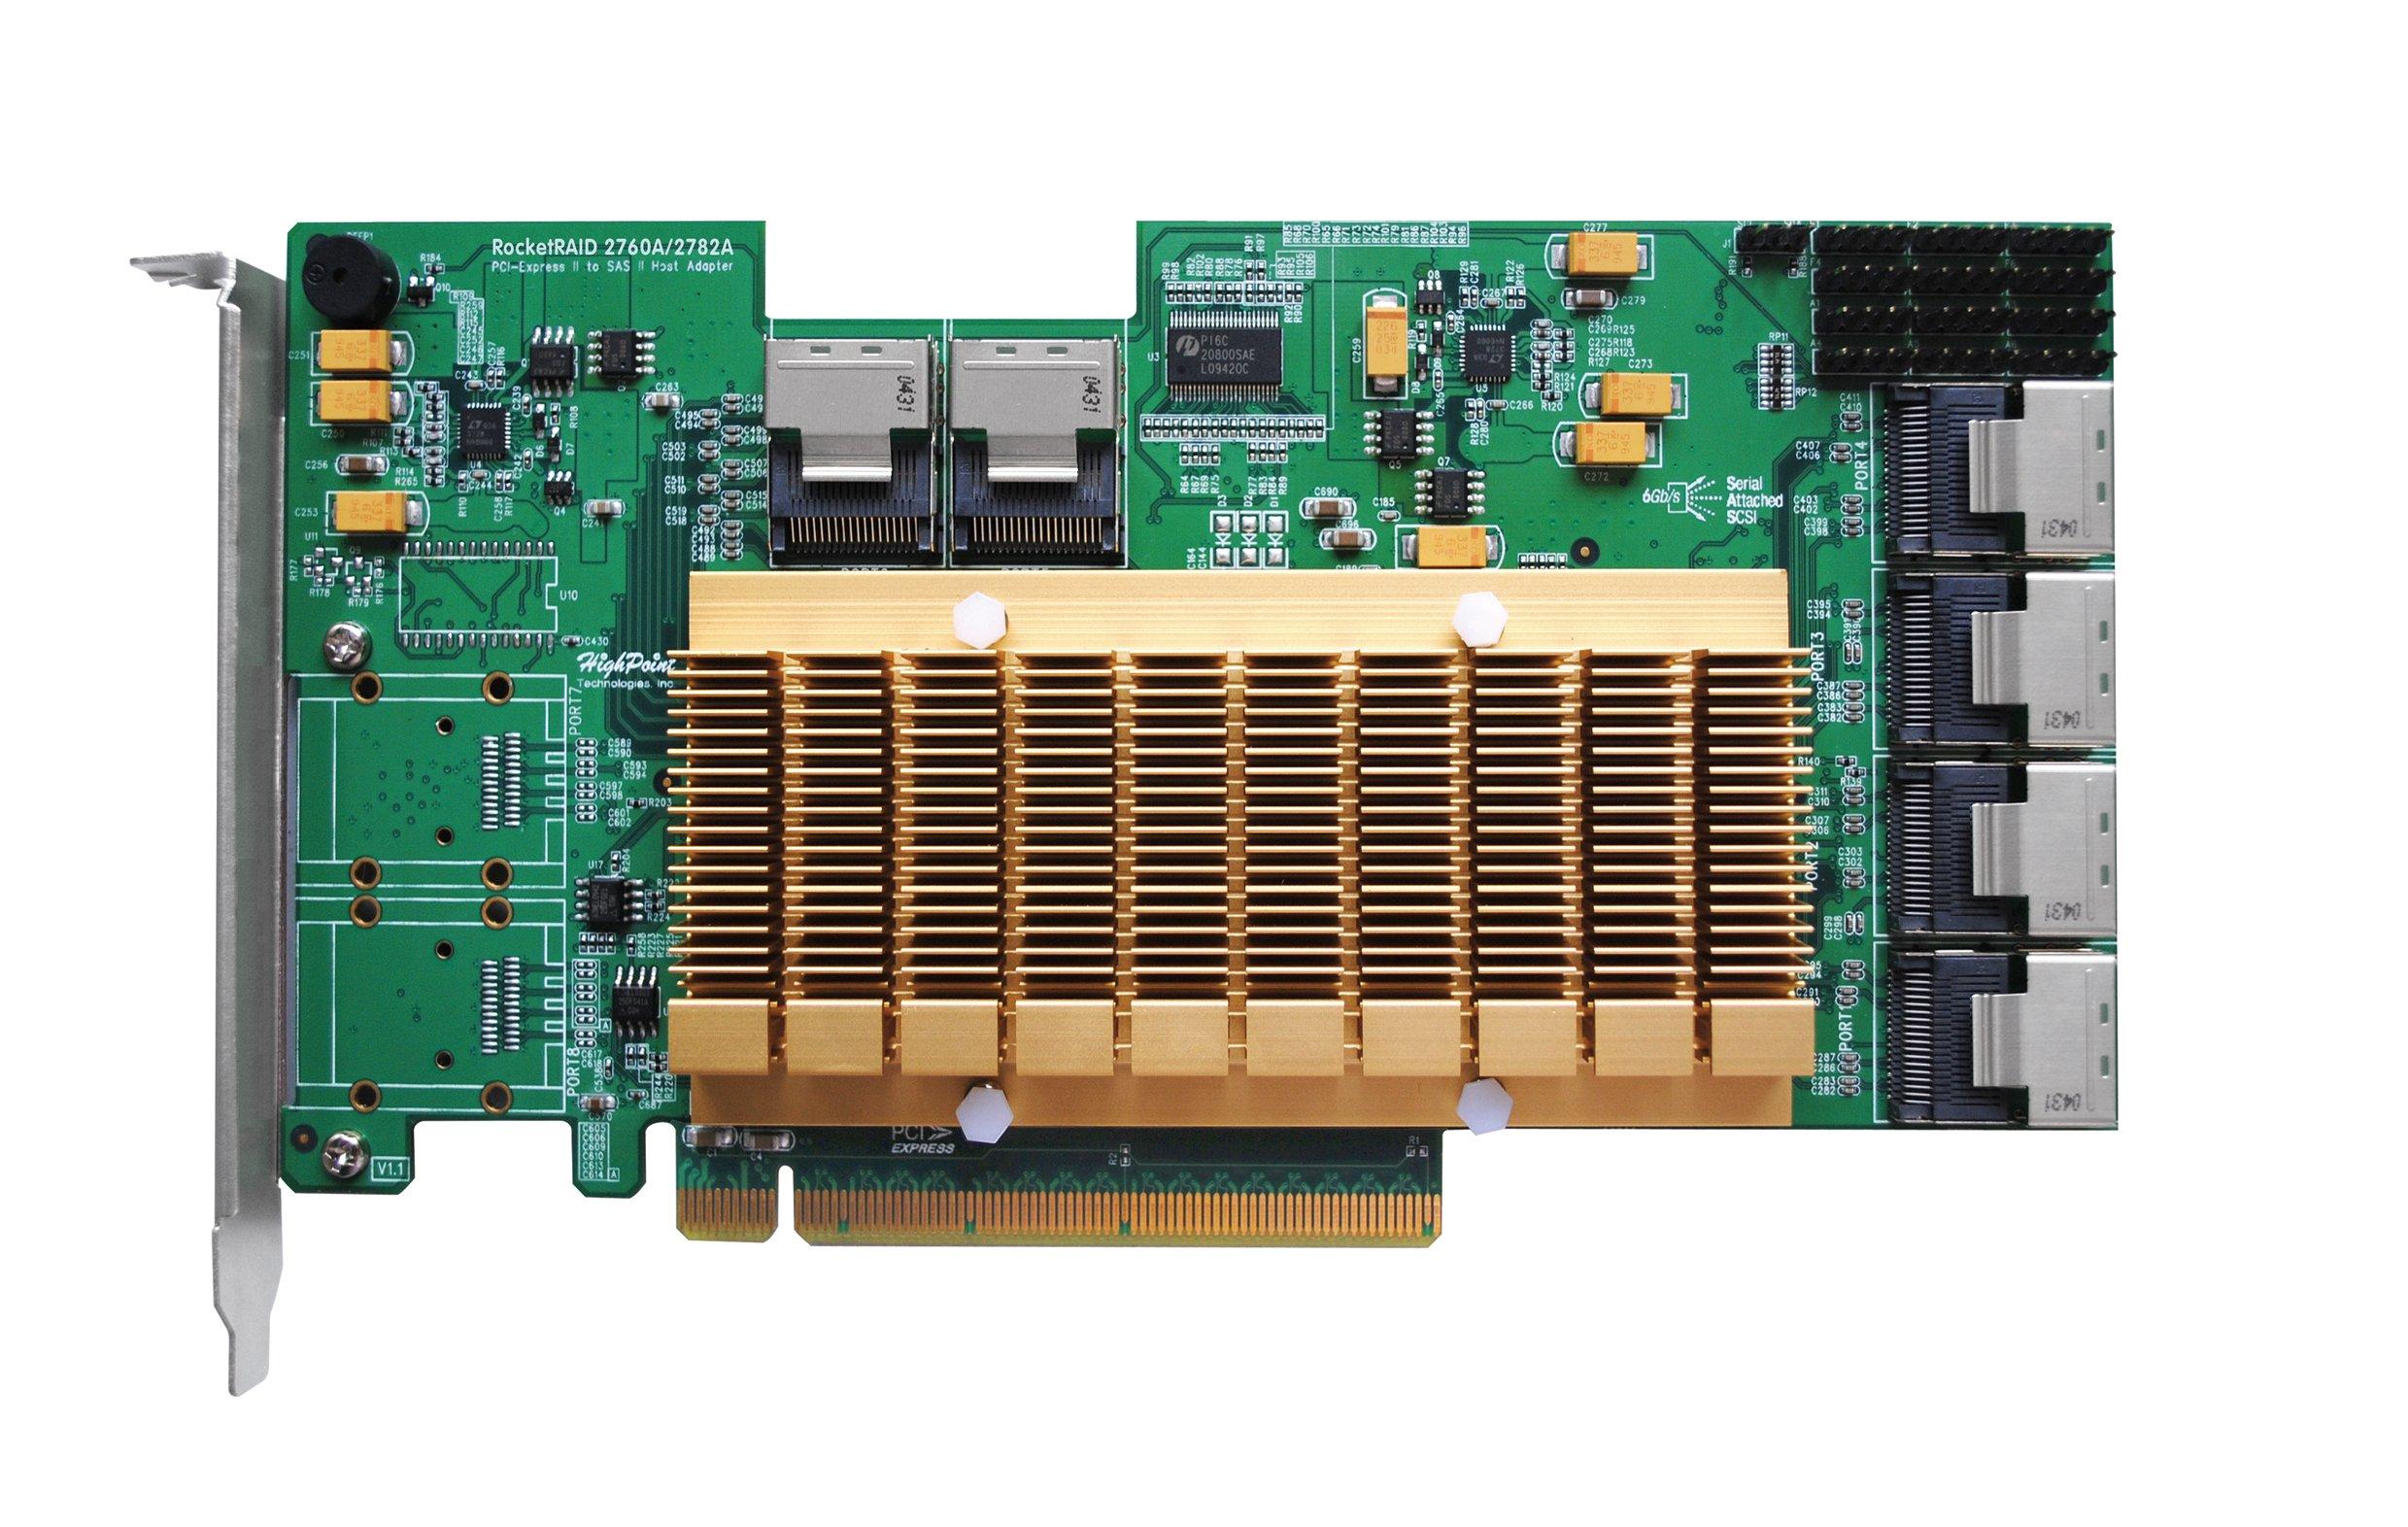 HighPoint RocketRAID 2760A 24-Port PCI-Express 2.0 x16 SAS/SATA RAID Controller